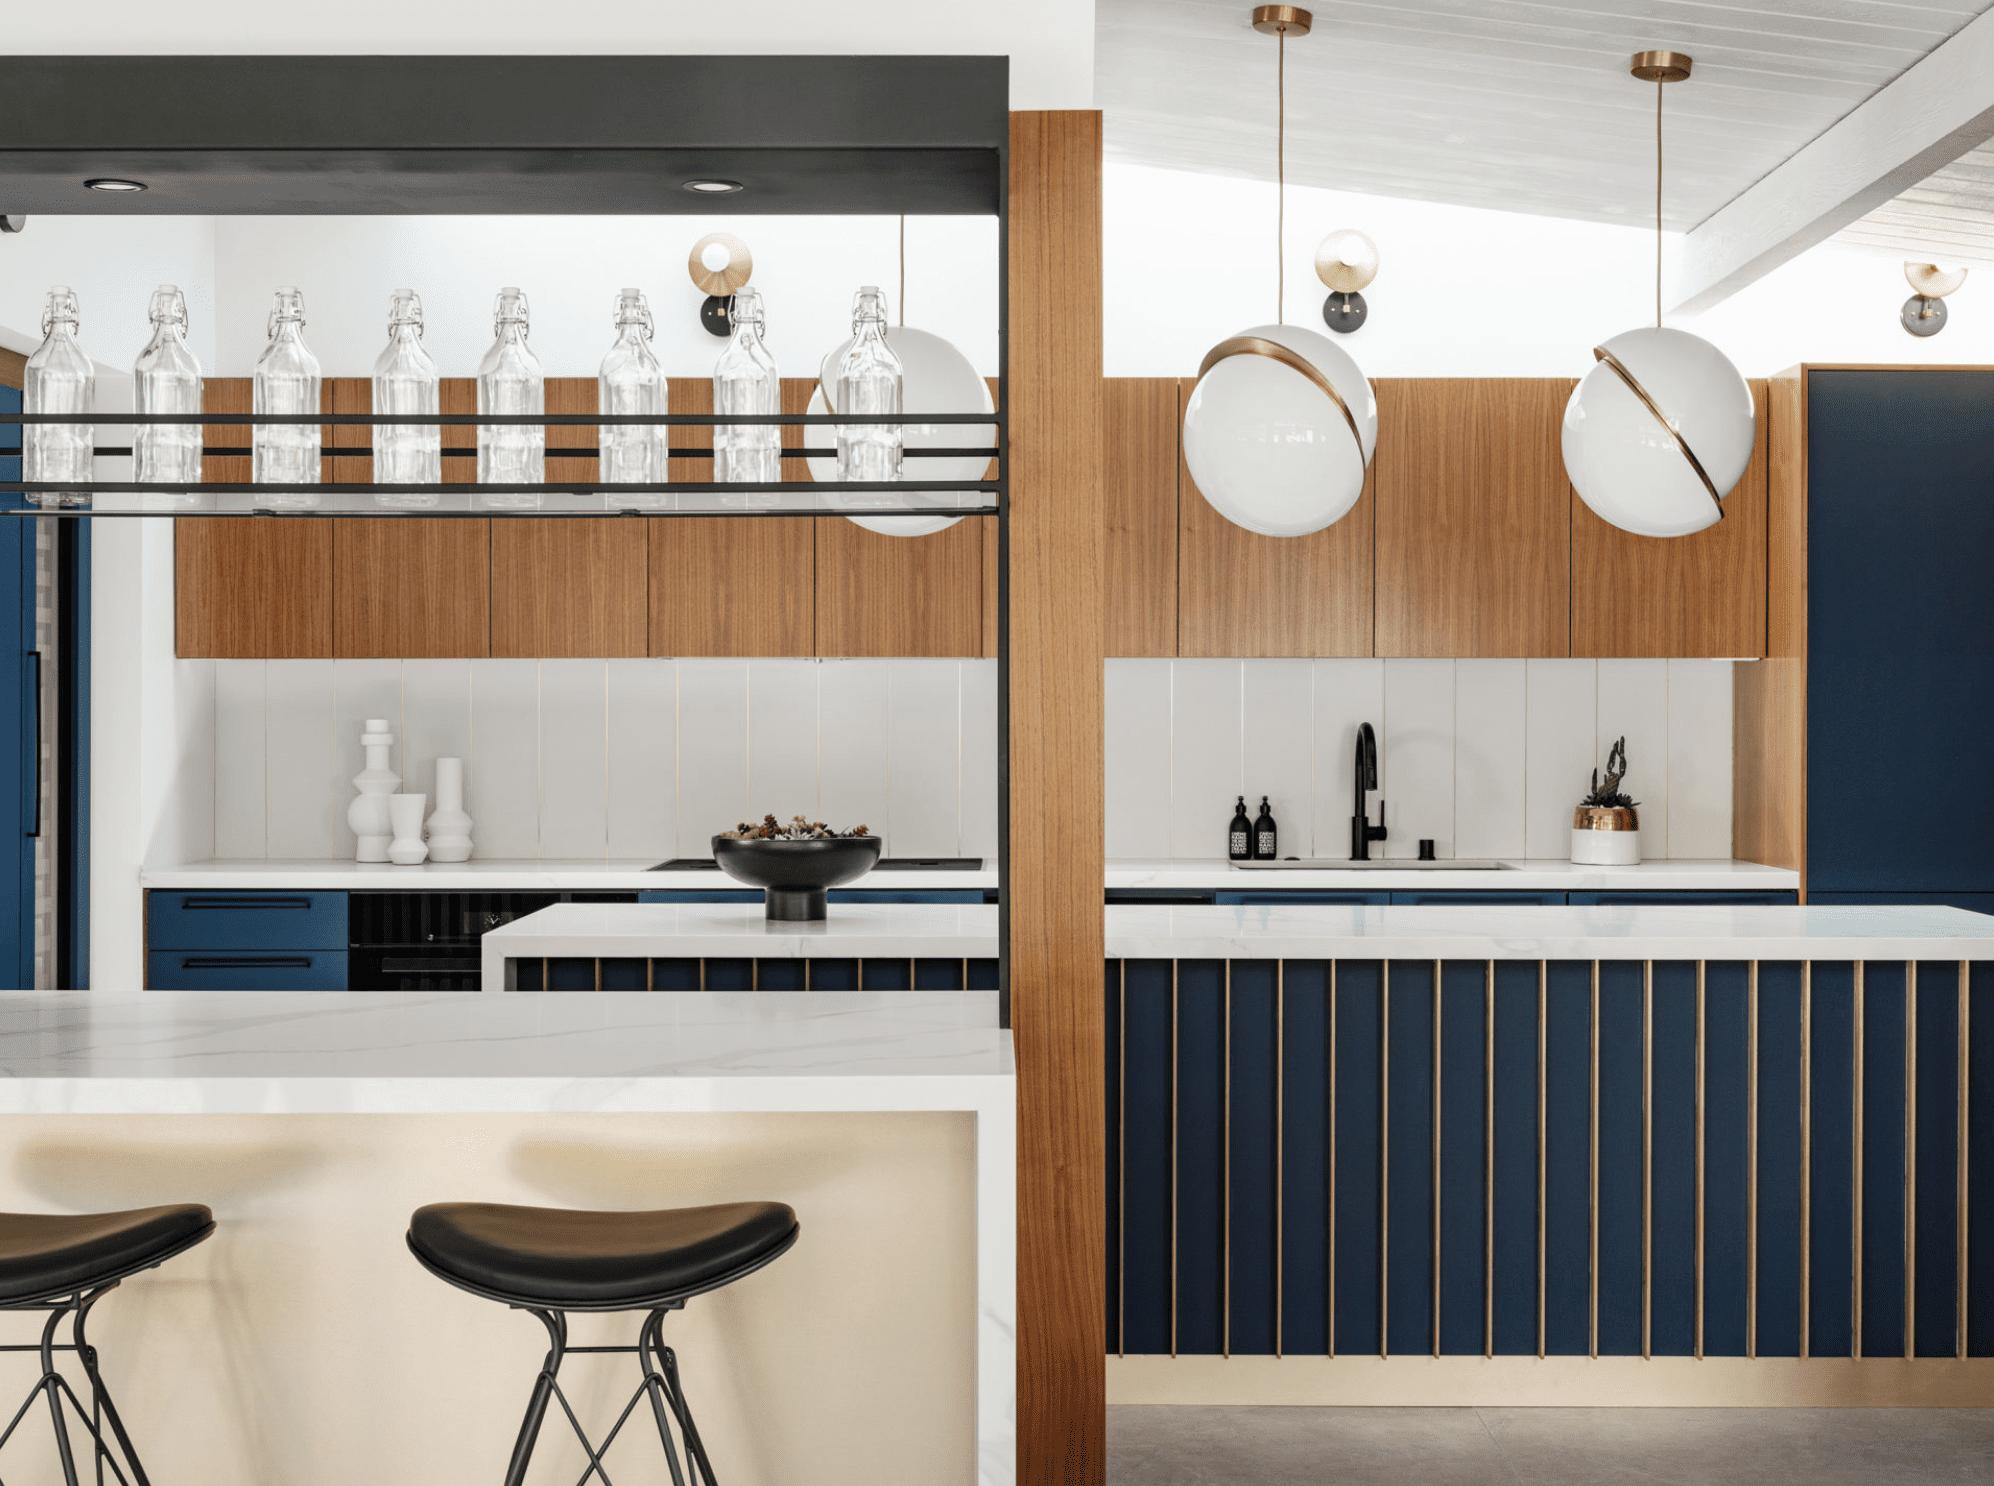 A sleek kitchen bar that looks like it belongs in a restaurant